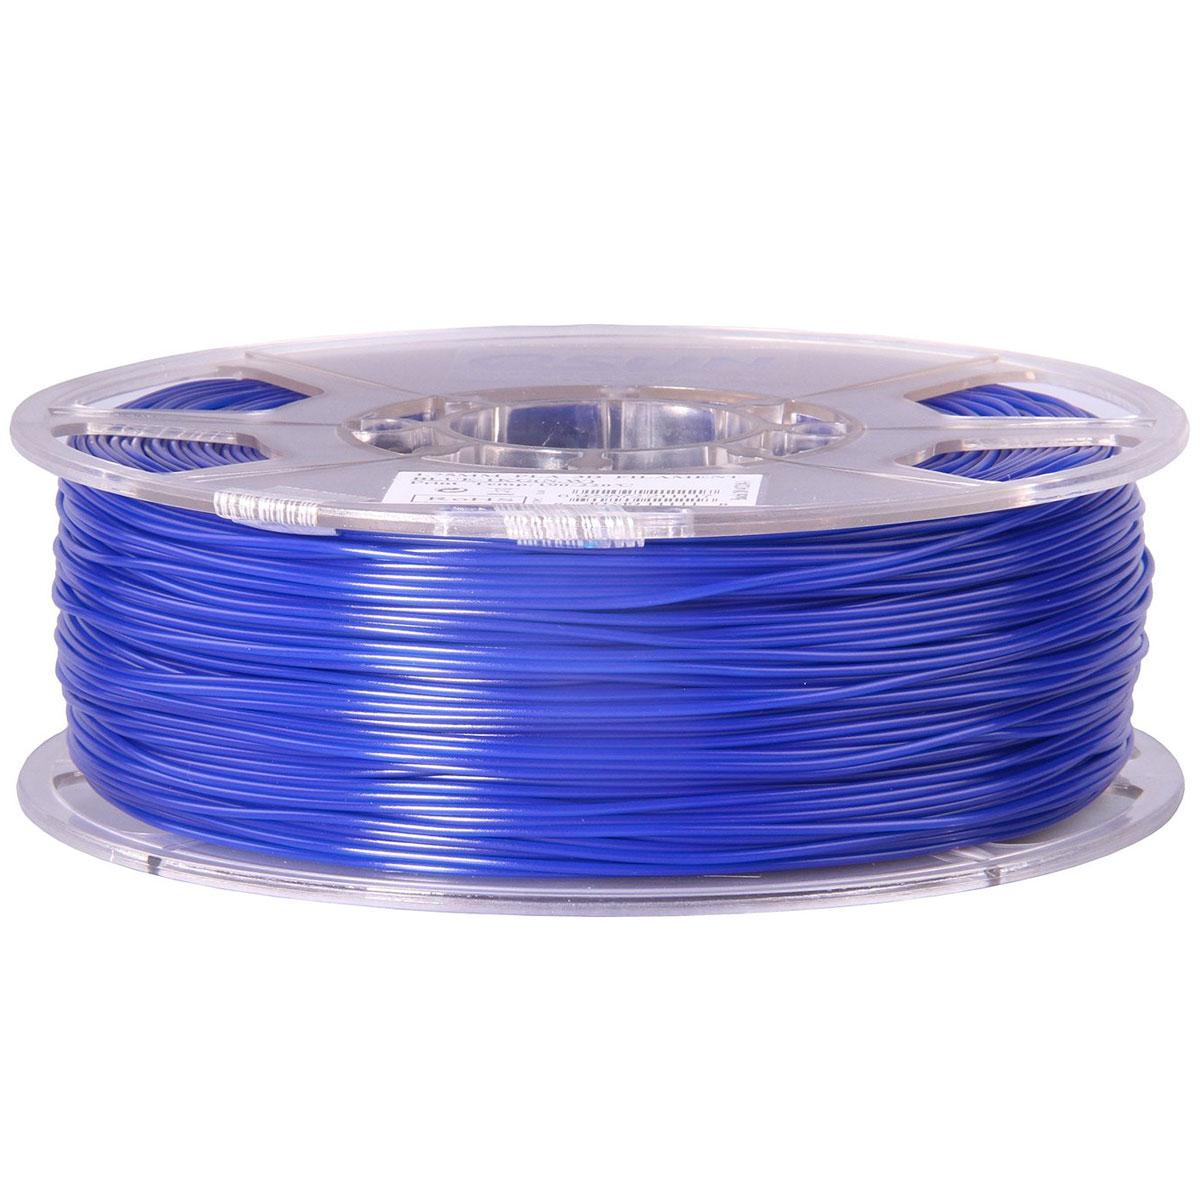 ESUN пластик PLA в катушке, Blue, 1,75 ммPLA175U1Пластик PLA от ESUN долговечный и очень прочный полимер, ударопрочный, эластичный и стойкий к моющим средствам и щелочам. Один из лучших материалов для печати на 3D принтере. Пластик не имеет запаха и не является токсичным. Температура плавления190-220°C. PLA пластик для 3D-принтера применяется в деталях автомобилей, канцелярских изделиях, корпусах бытовой техники, мебели, сантехники, а также в производстве игрушек, сувениров, спортивного инвентаря, деталей оружия, медицинского оборудования и прочего.Диаметр нити: 1.75 мм